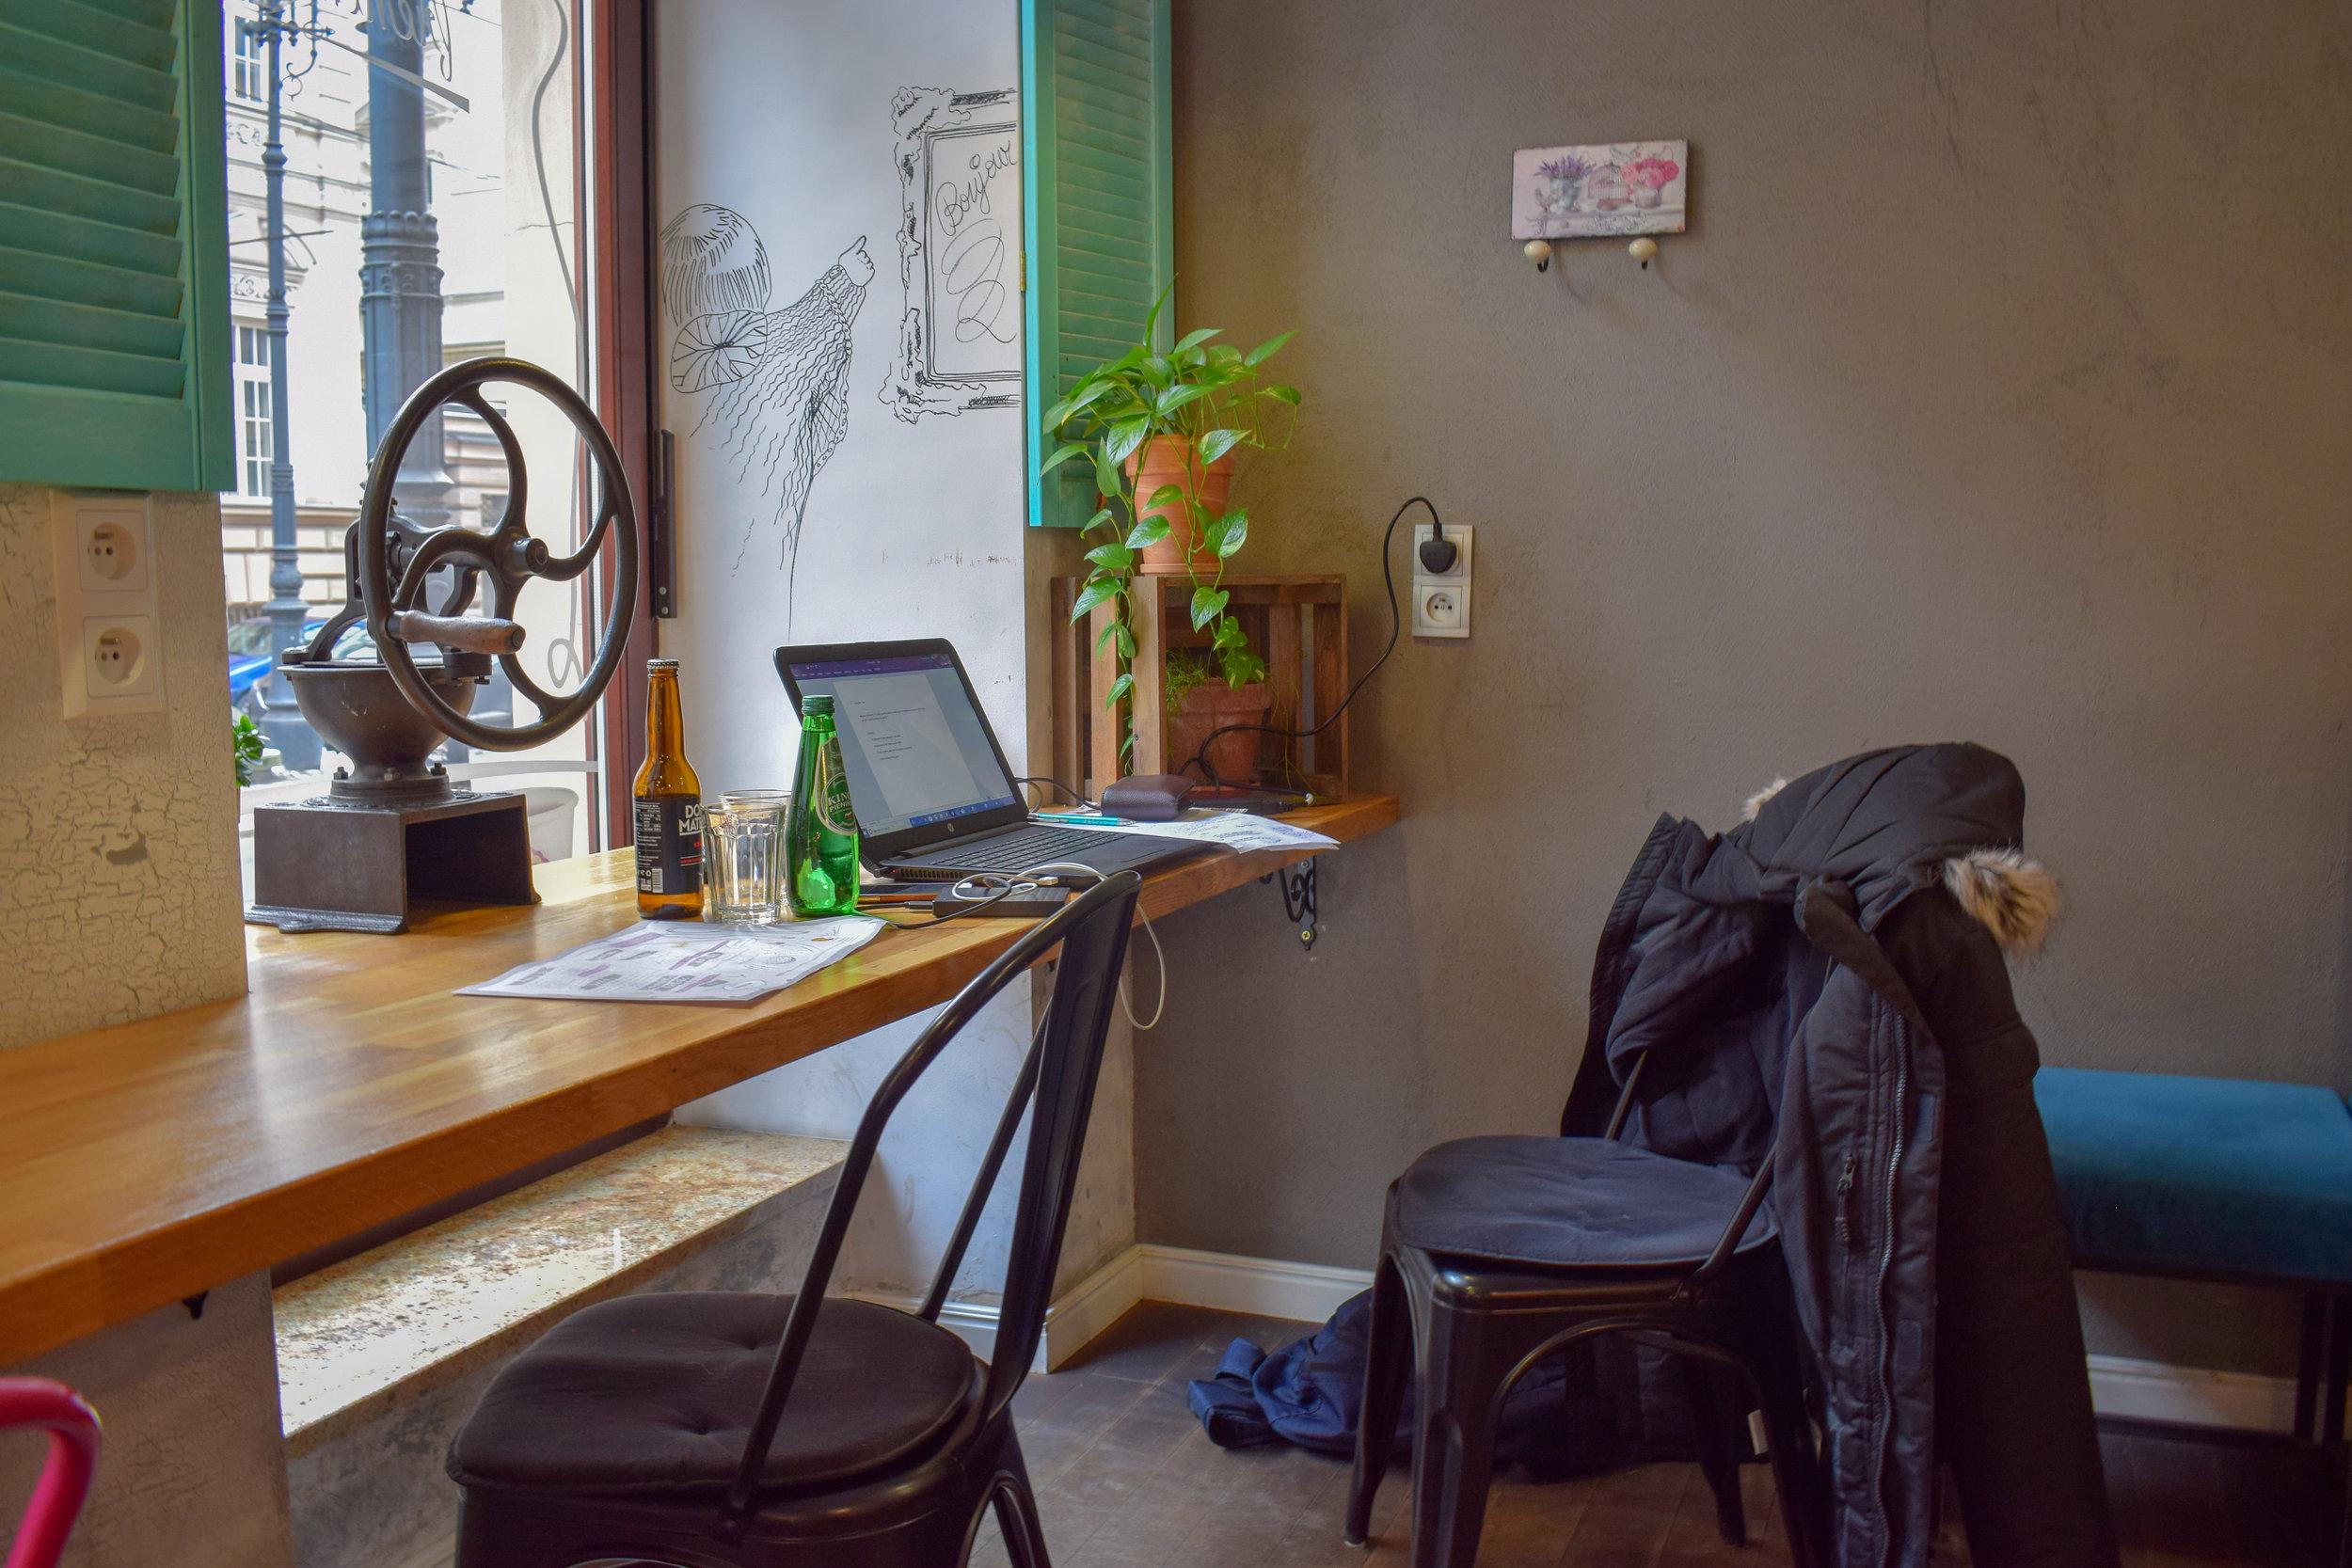 My blogging setup at a cafe in Krakow.